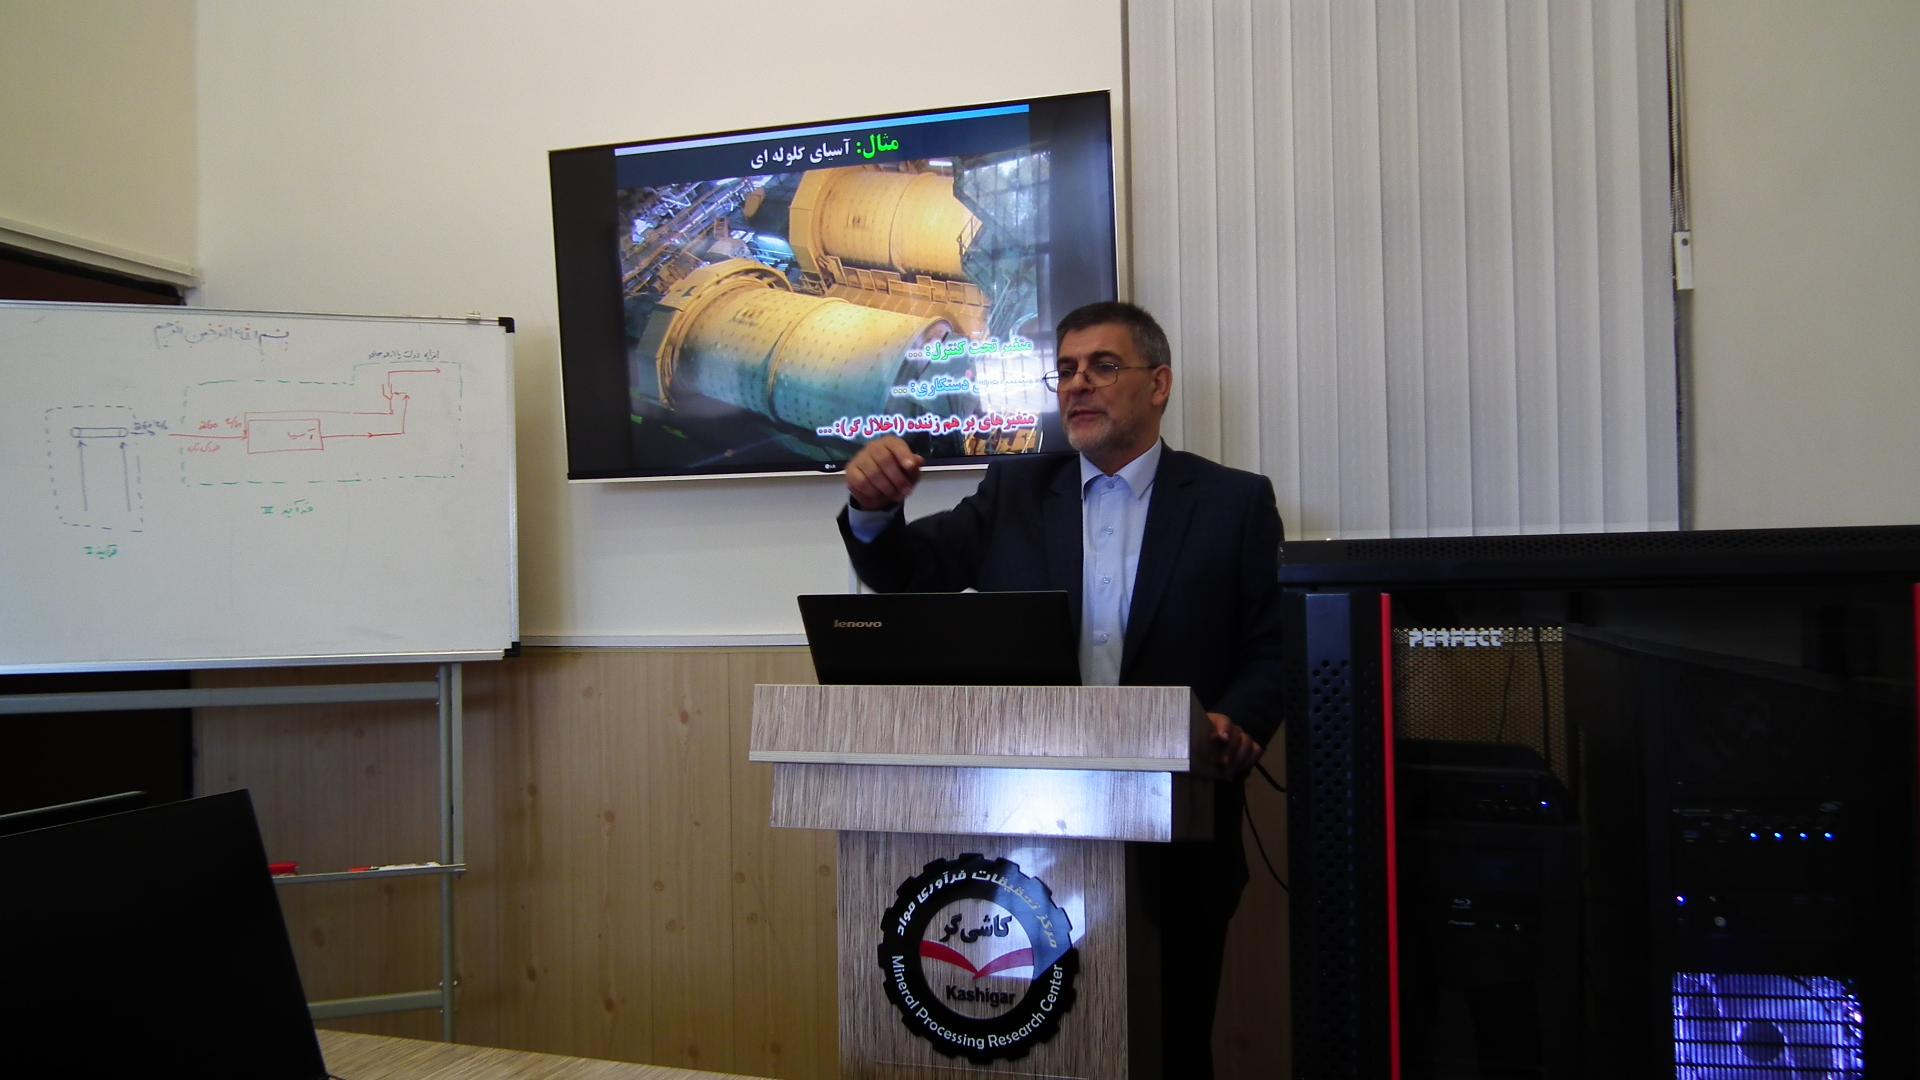 اولین روز برگزاری کارگاه آموزشی کنترل کاربردی کارخانه های فرآوری مواد معدنی